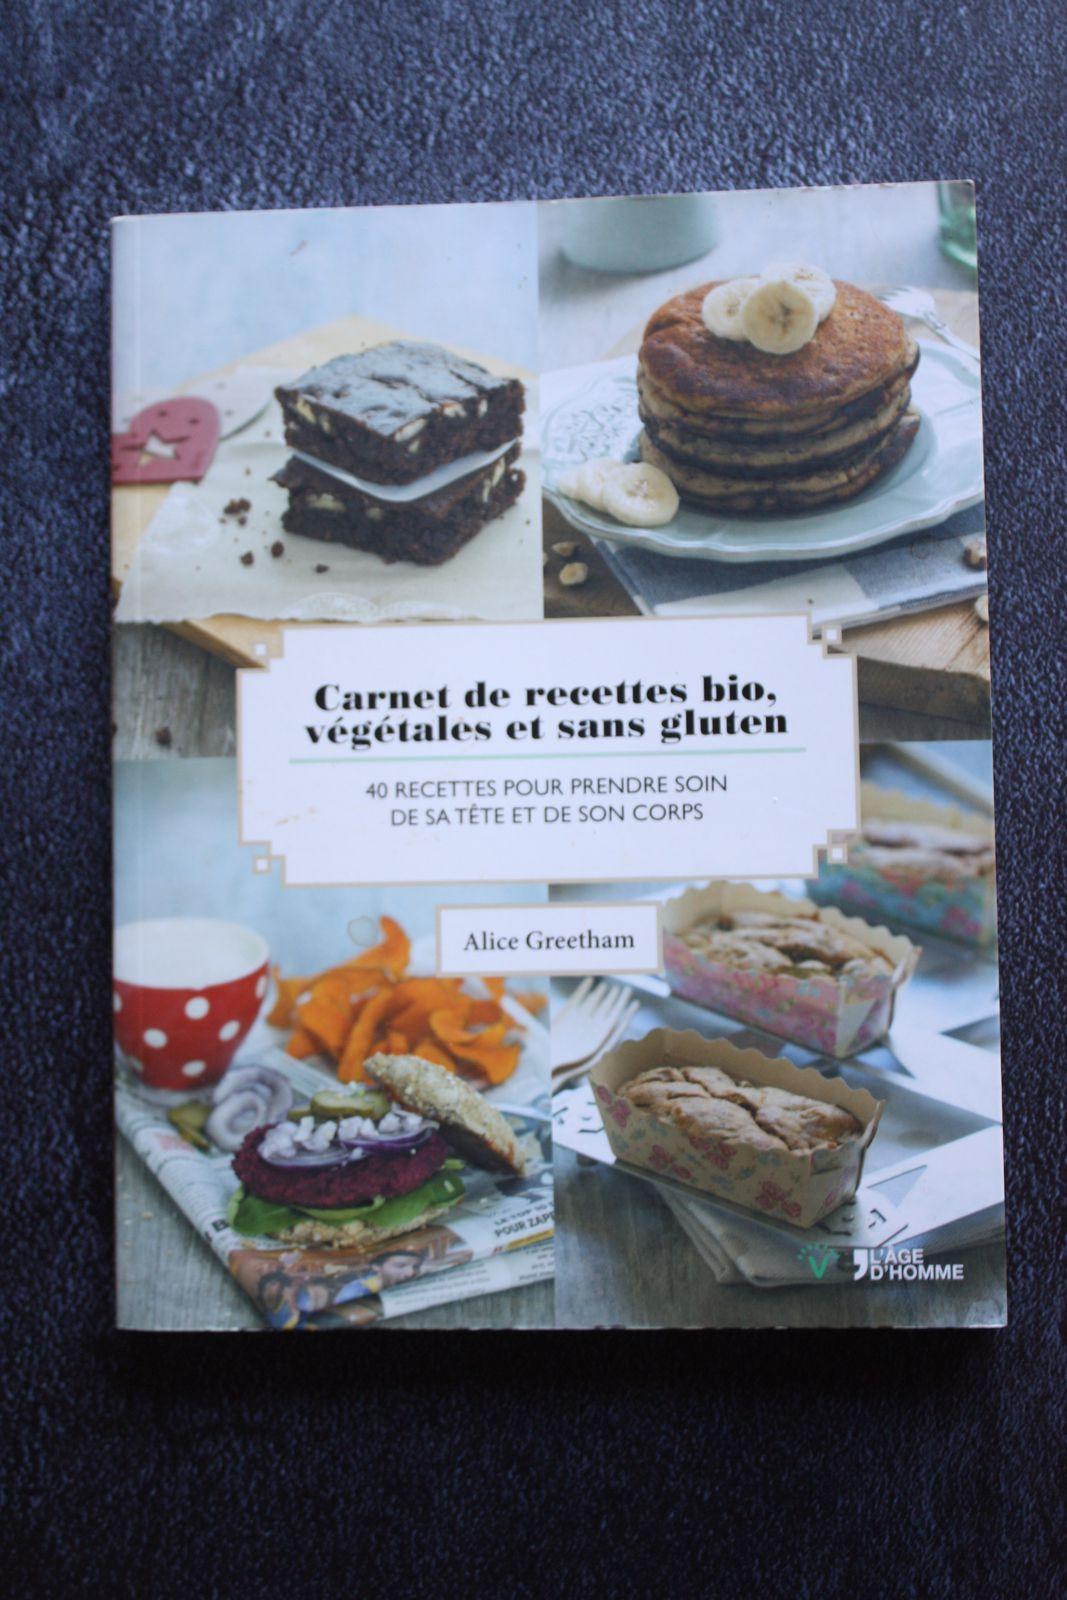 Goûter lecture du mercredi : les muffins express au sarrasin et chocolat d'Alice et ses bouquins